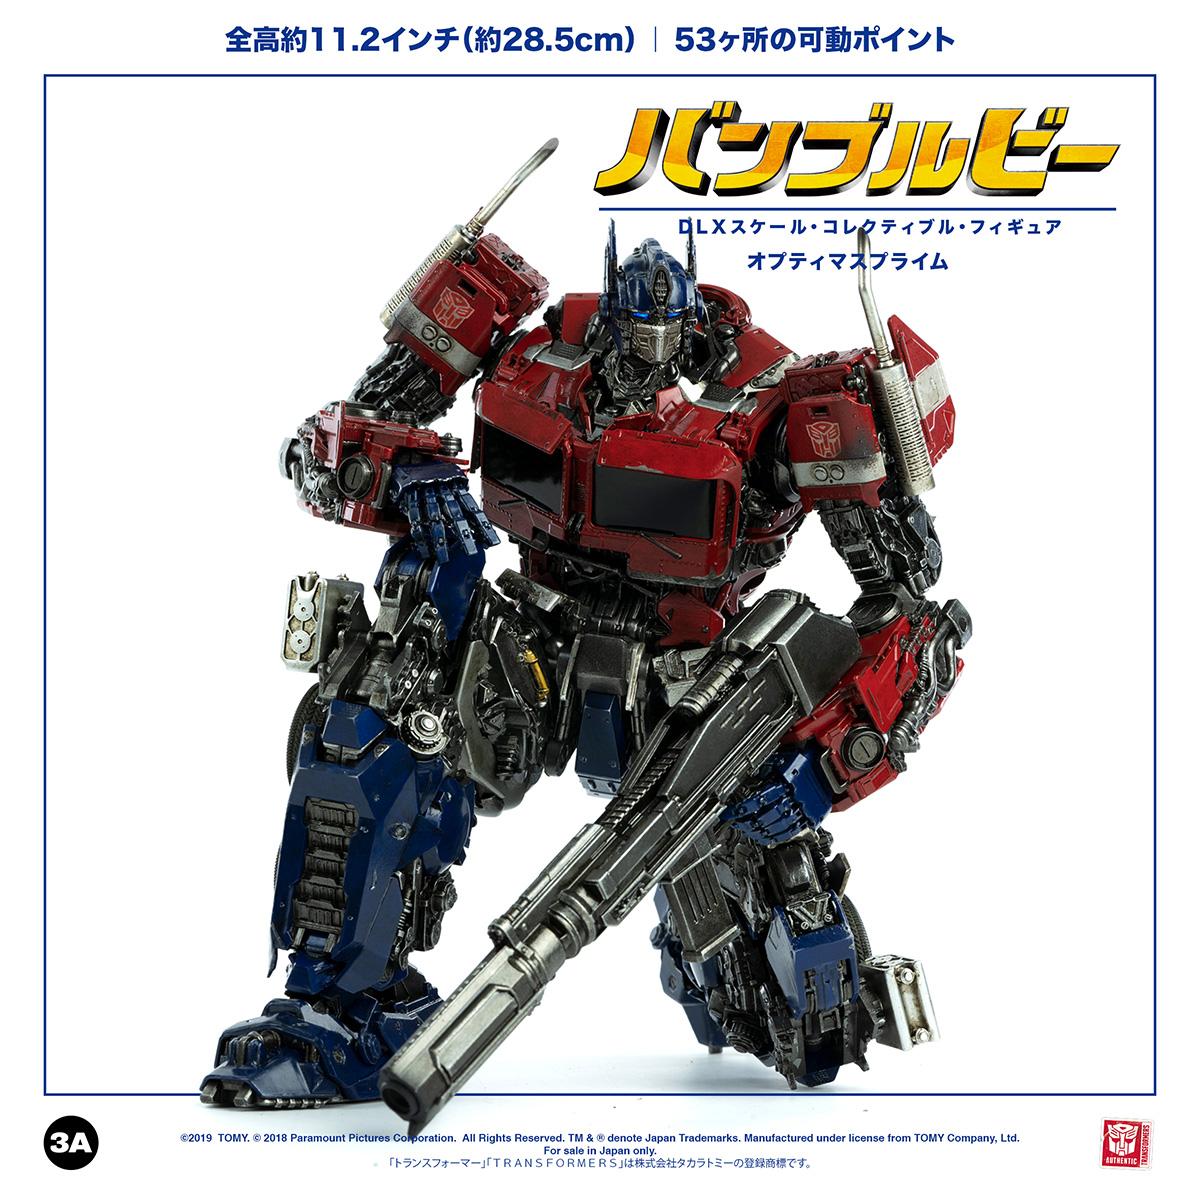 OP_DLX_JAP_6001.jpg